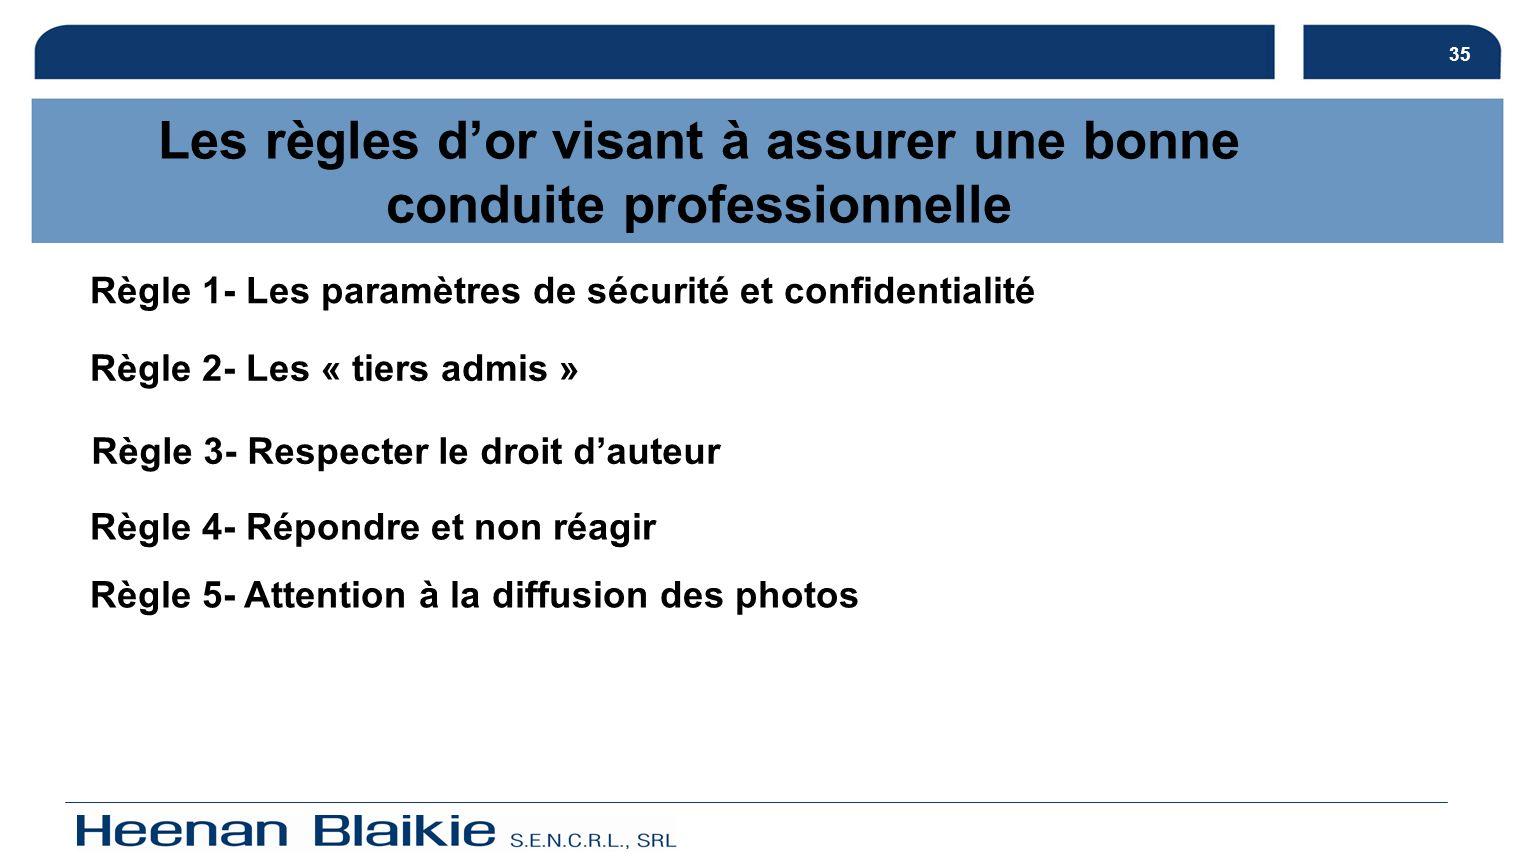 35 Les règles dor visant à assurer une bonne conduite professionnelle Règle 1- Les paramètres de sécurité et confidentialité Règle 2- Les « tiers admi